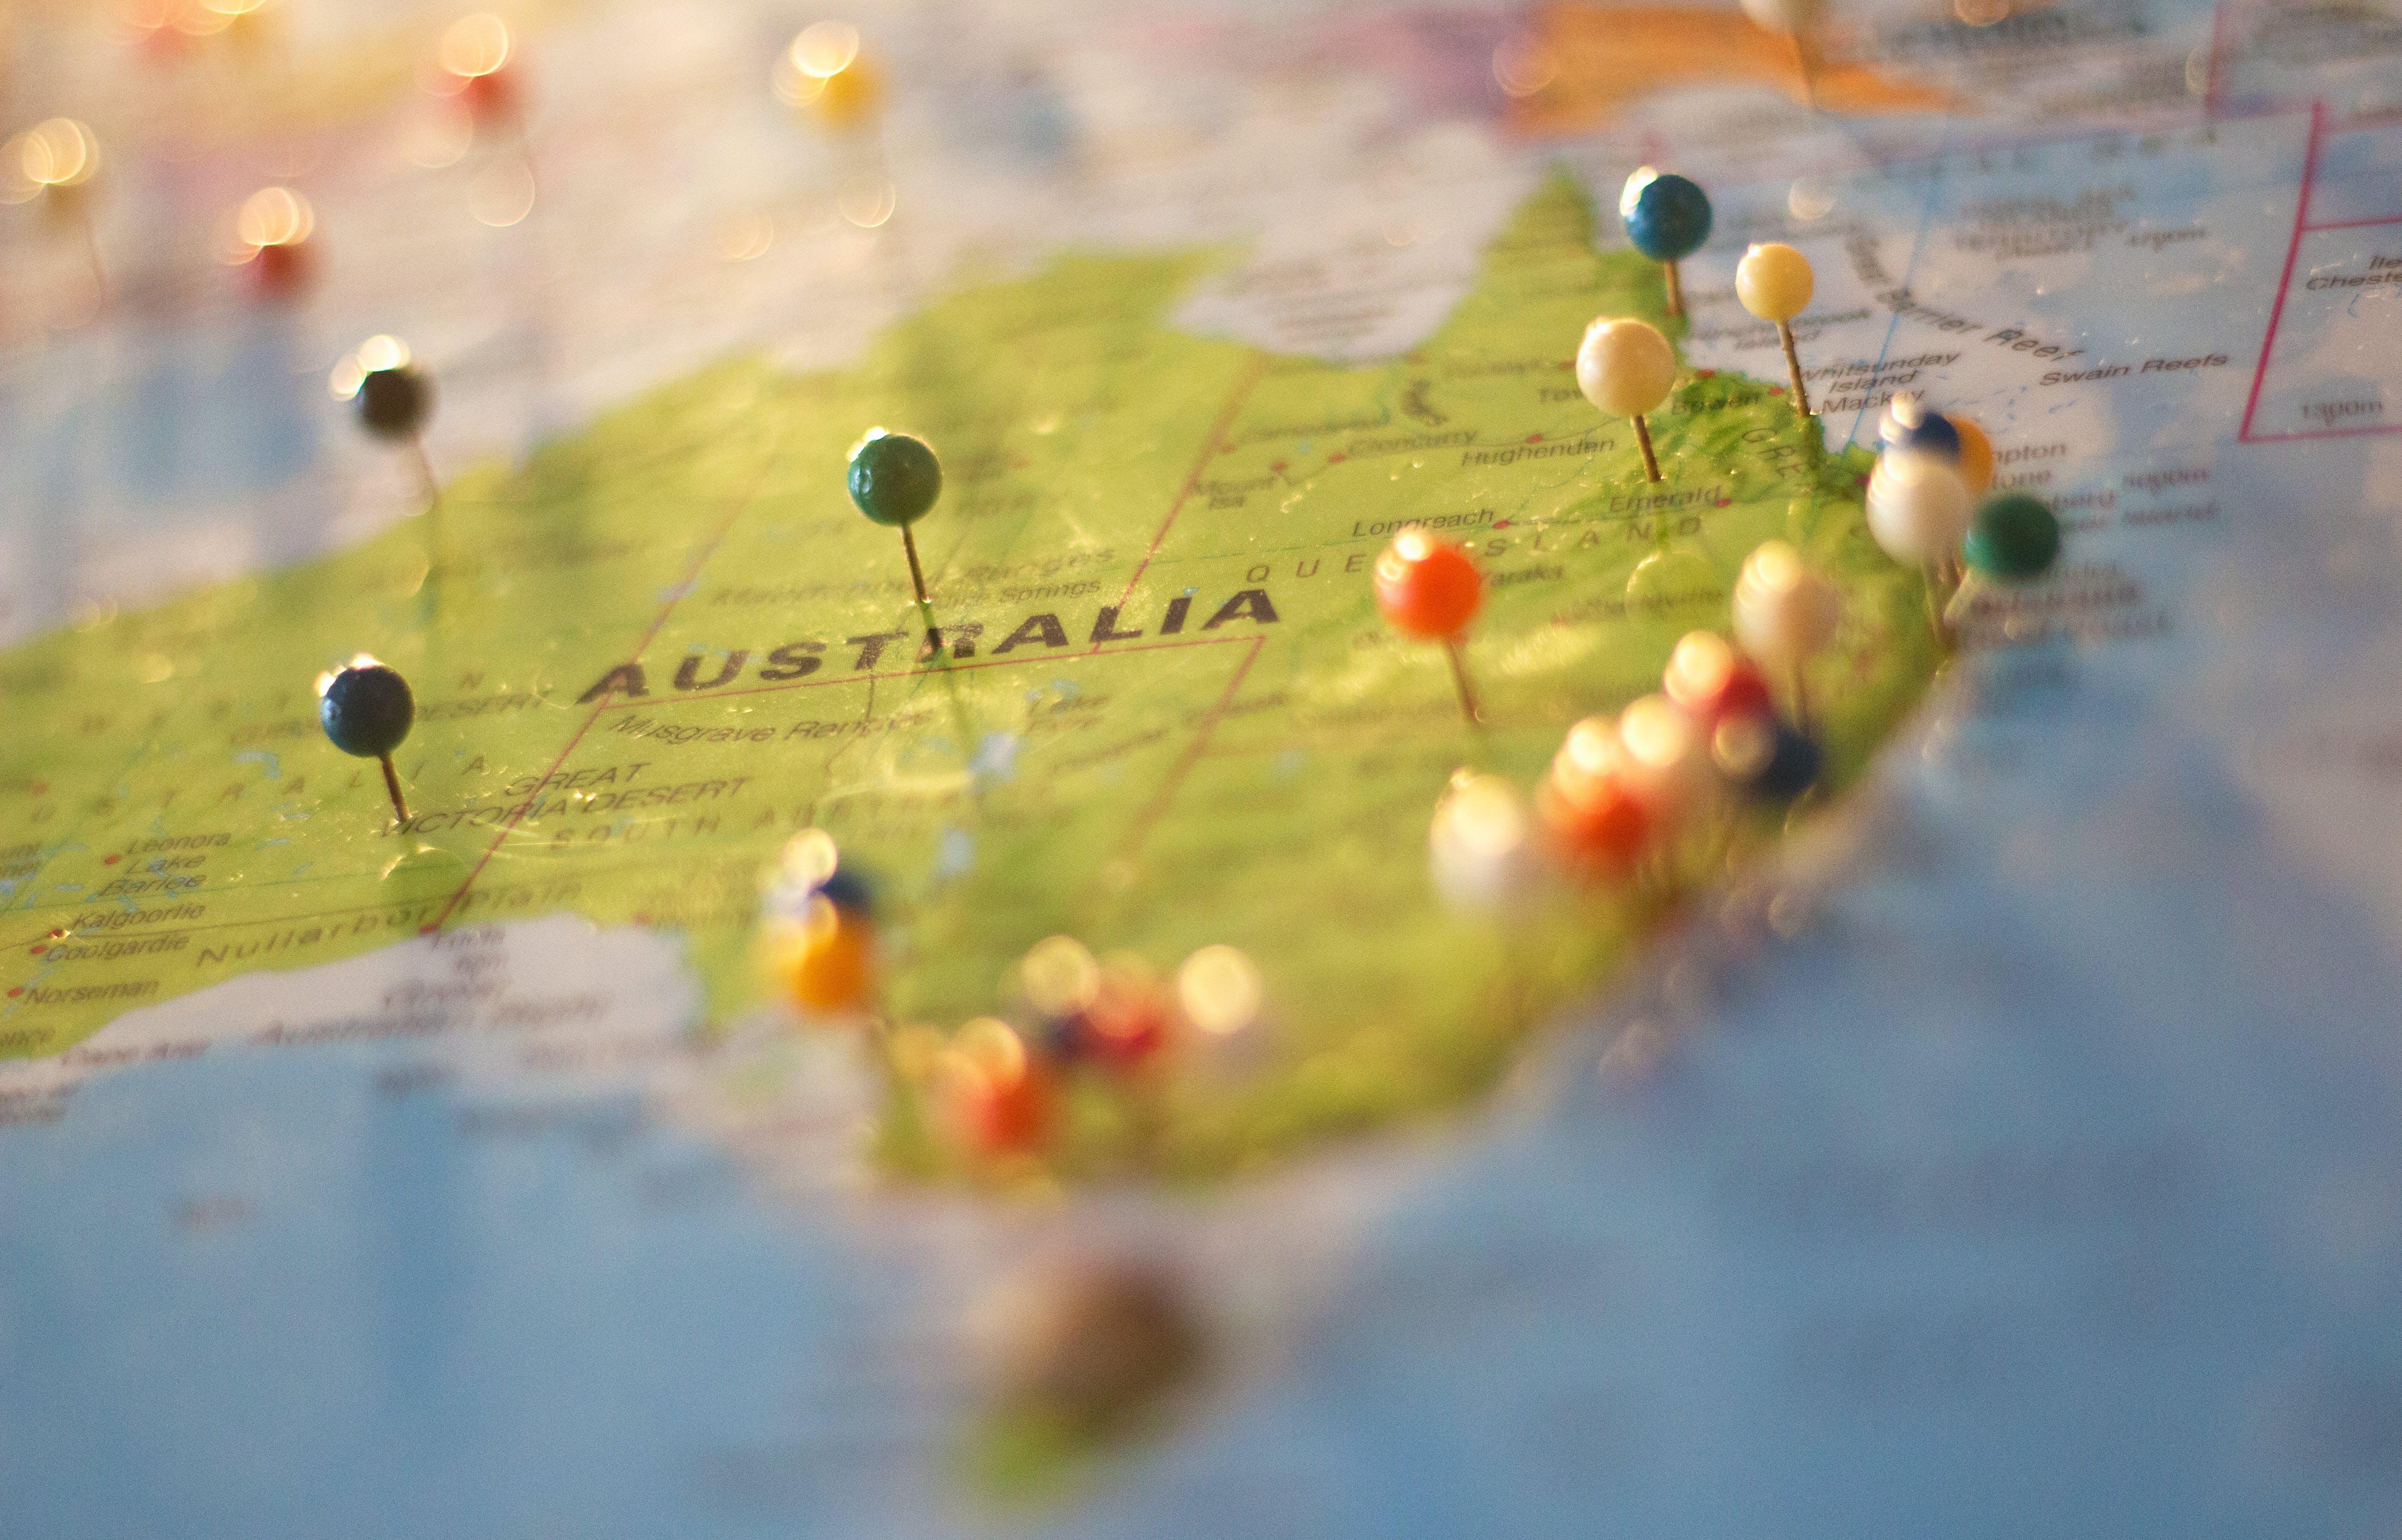 대륙, 멜버른, 목적지, 세계의 무료 스톡 사진